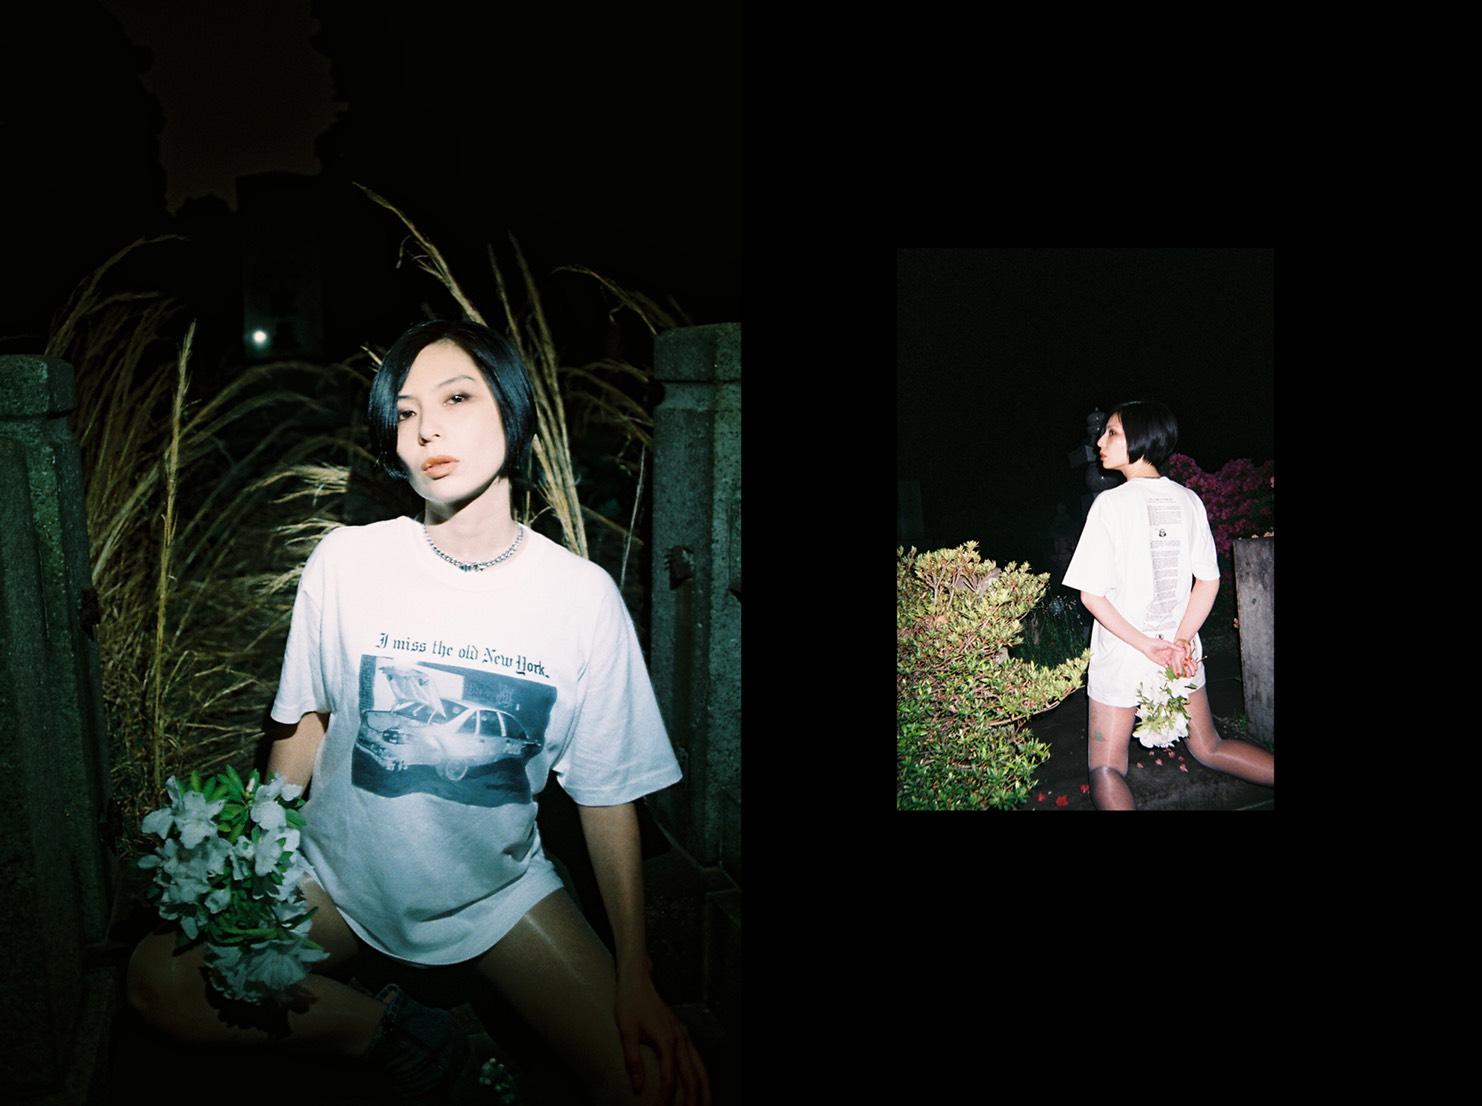 日本版ハイスノバイエティのローンチを記念した限定Tシャツコレクション